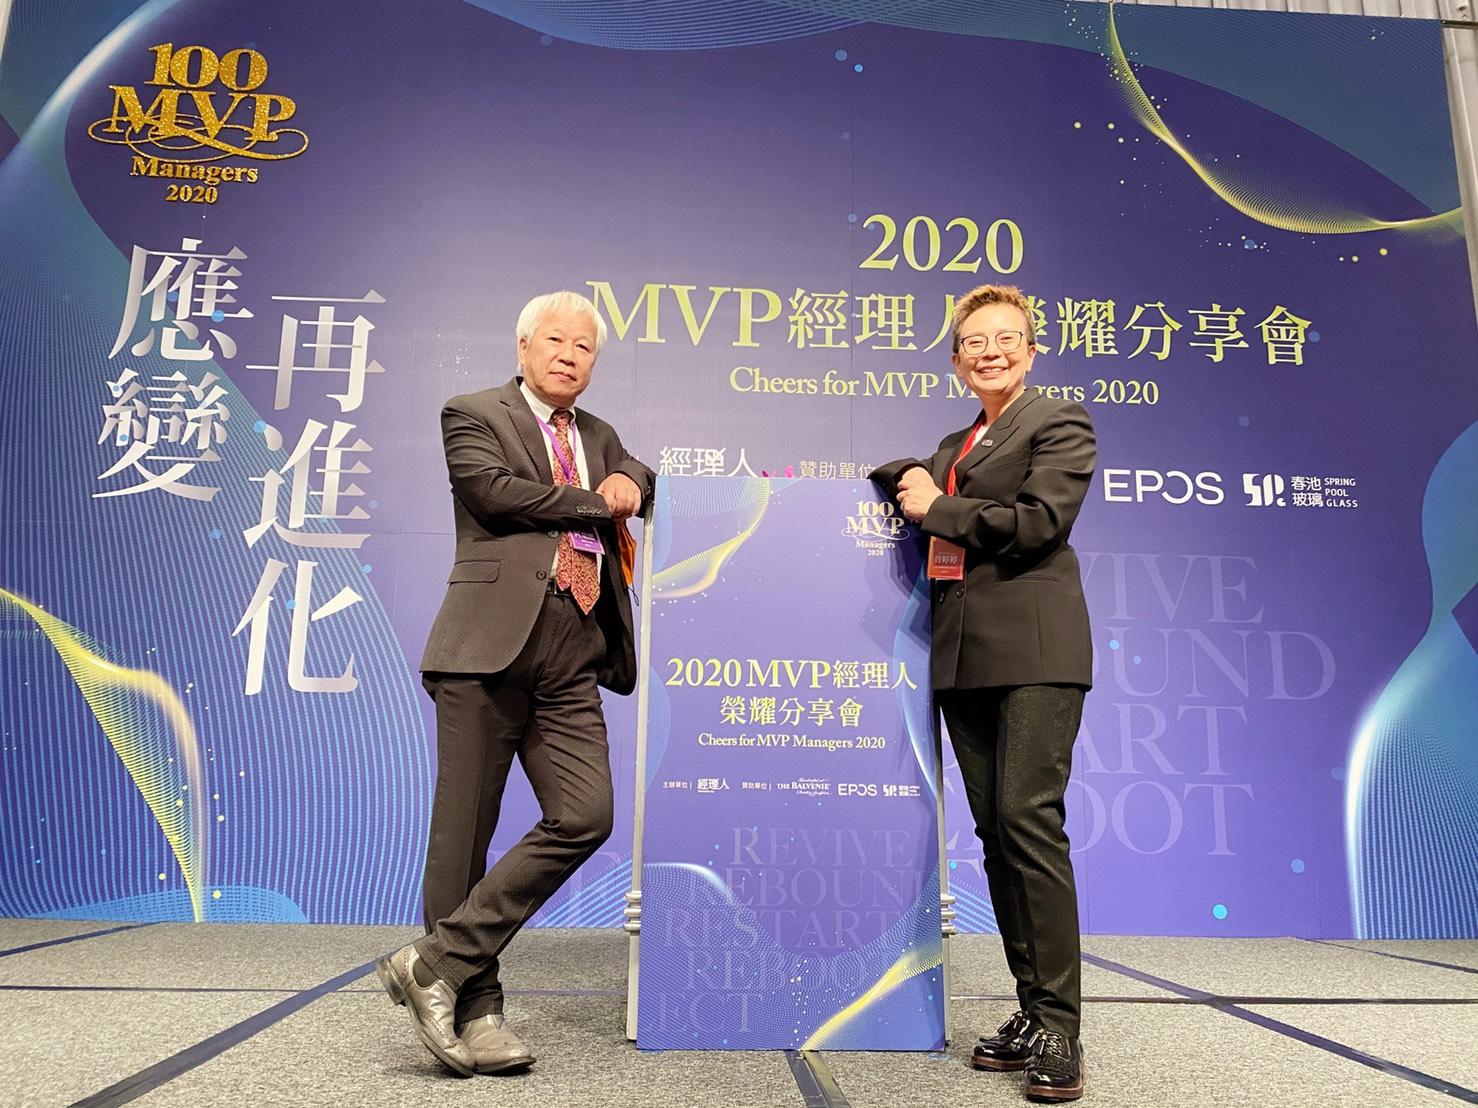 恭喜本會團體會員「欣寶智慧環境股份有限公司」曾婷婷執行長榮獲台灣百大CEO-空氣清淨機認證